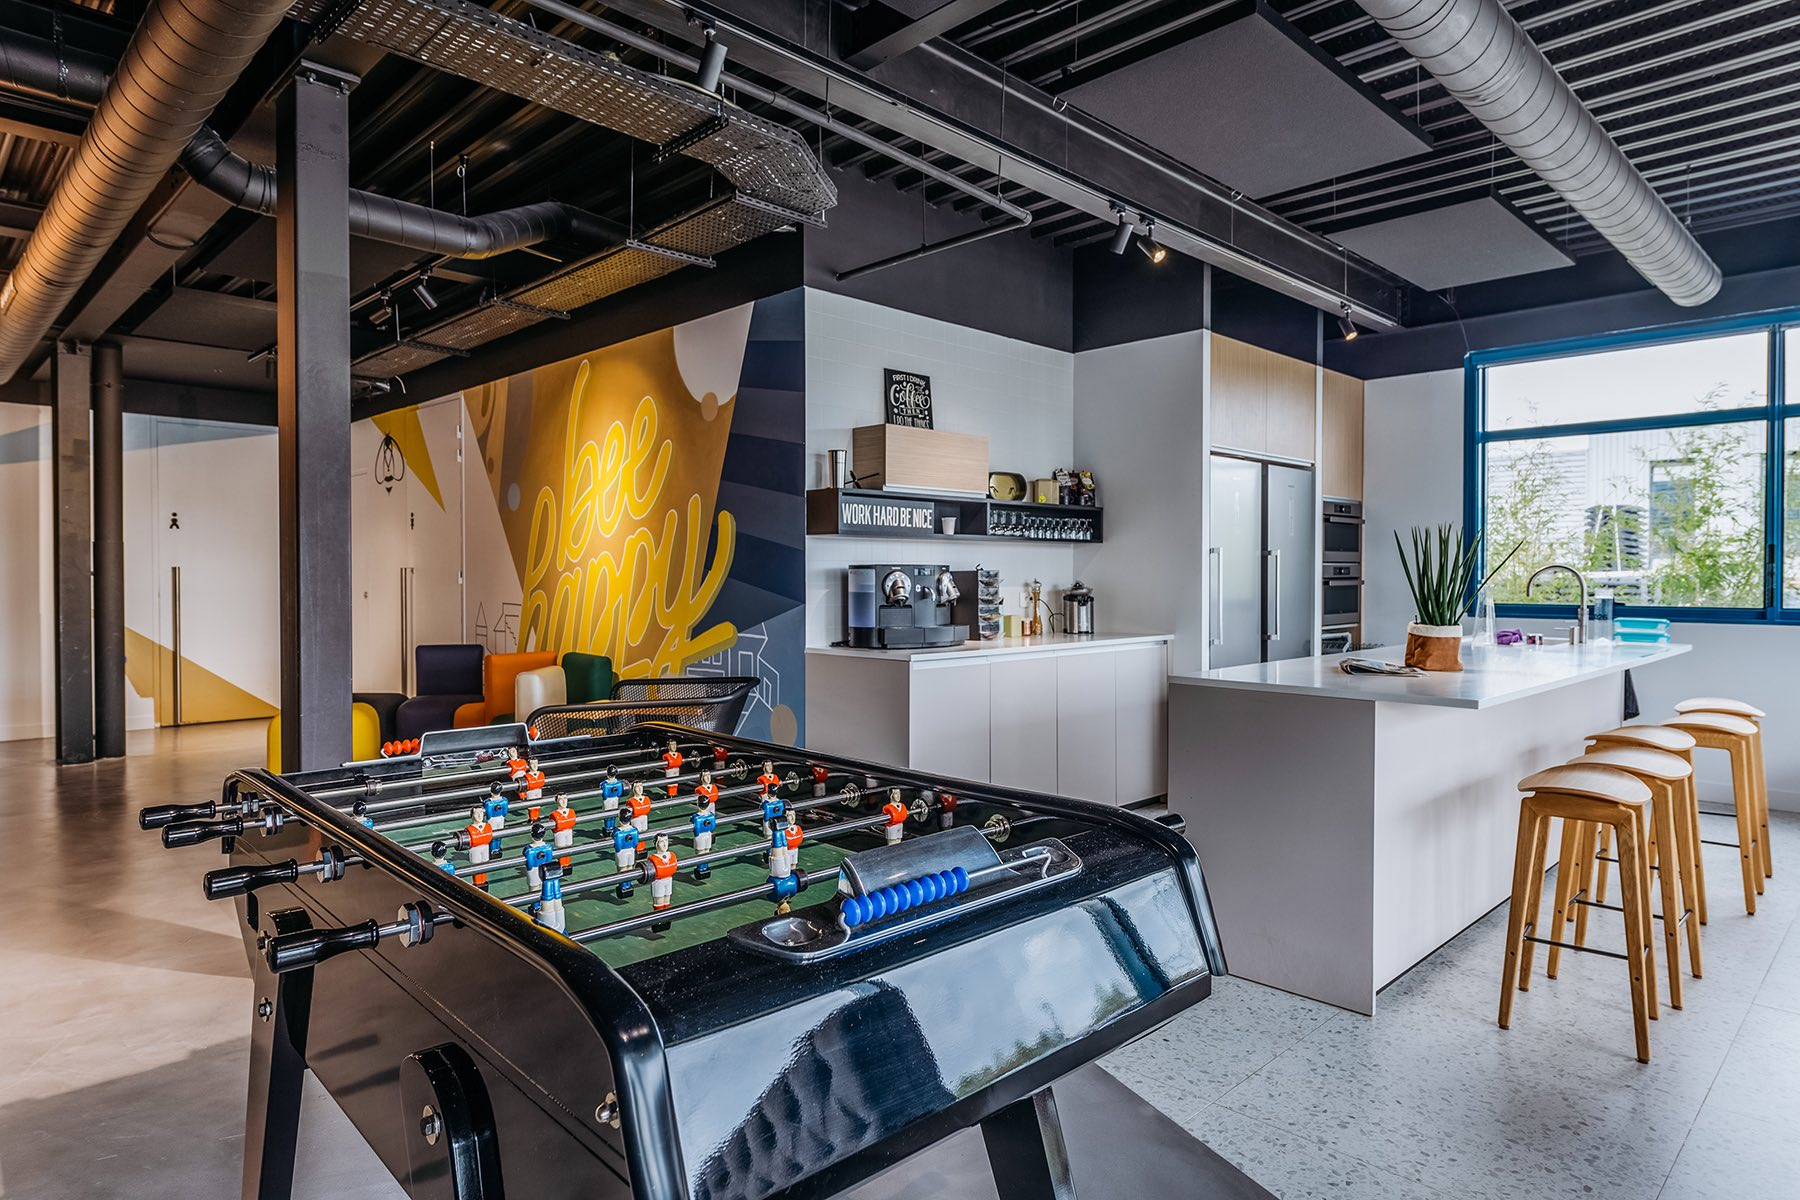 A Tour Of Le Village's New Paris Coworking Space